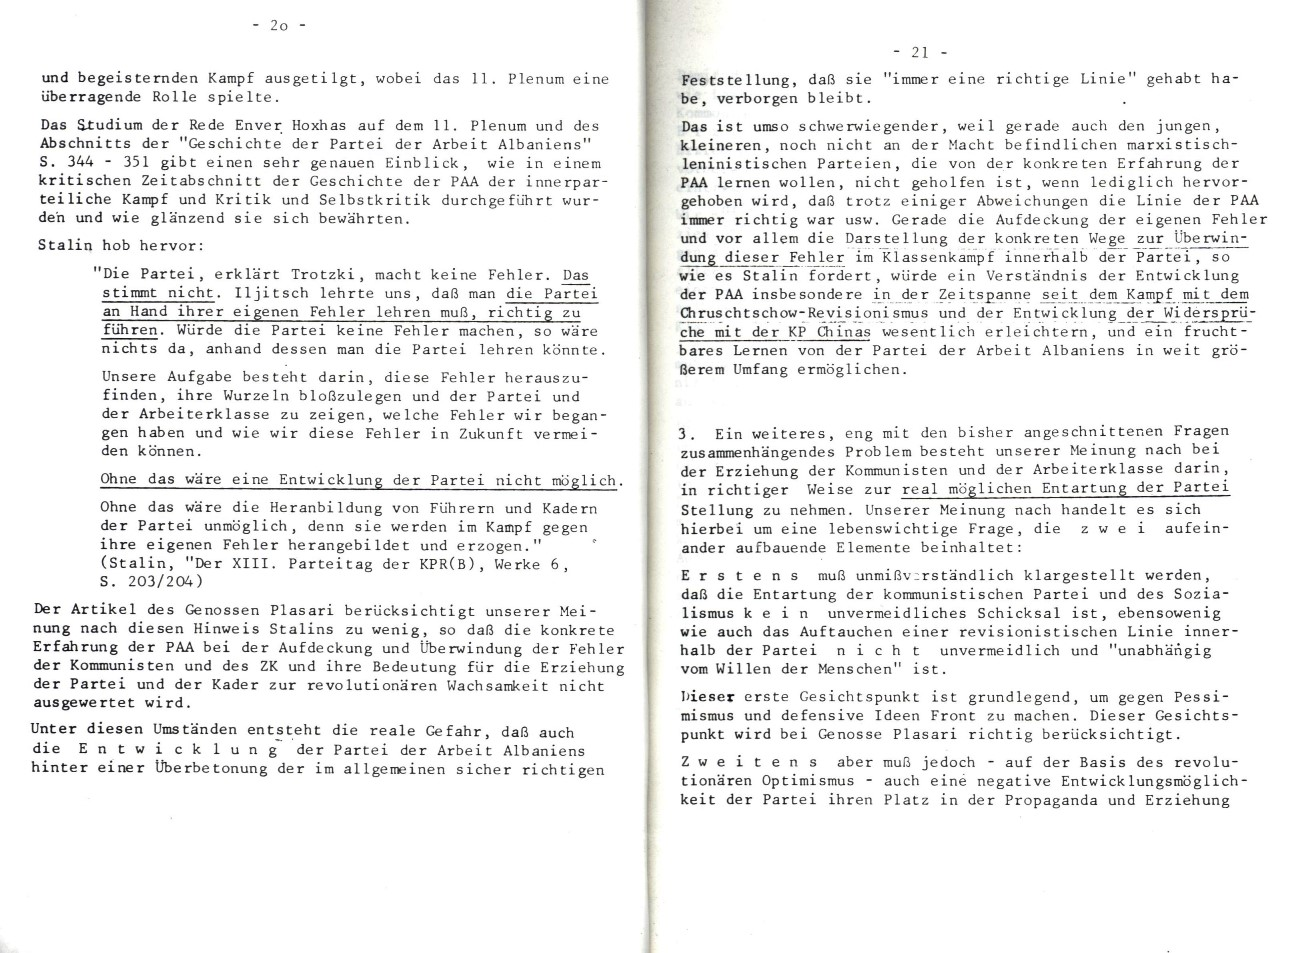 MLSK_Theorie_und_Praxis_des_ML_1979_25_11